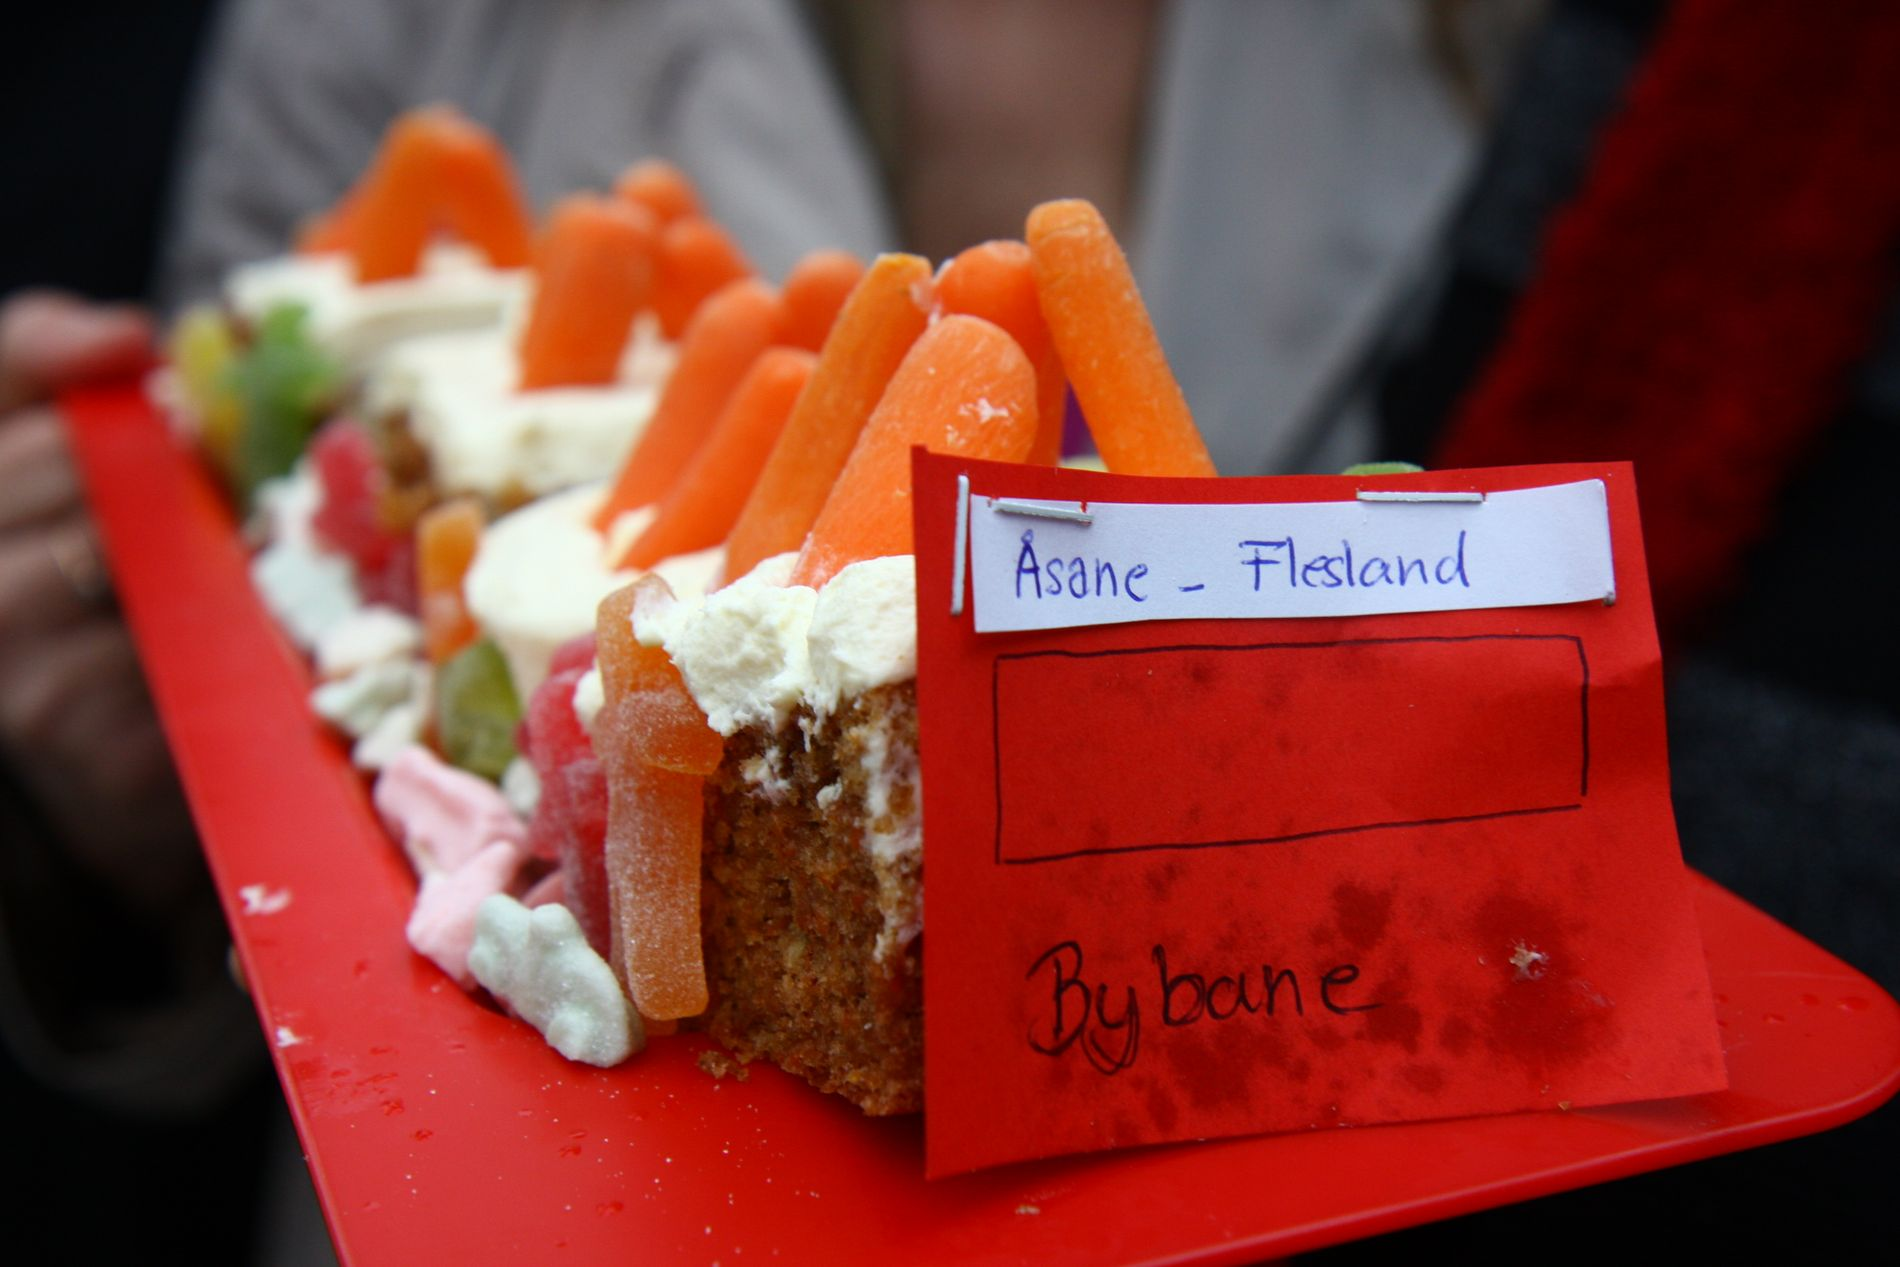 SYMBOLSK: Gulrøttene symboliserer belønningsmidlene Bergen kan få. Kakefatet er også fult av små sure biler. Kaken ser ut til å gå i rute helt fra Åsane til Flesland.FOTO: RUNE STØLÅS